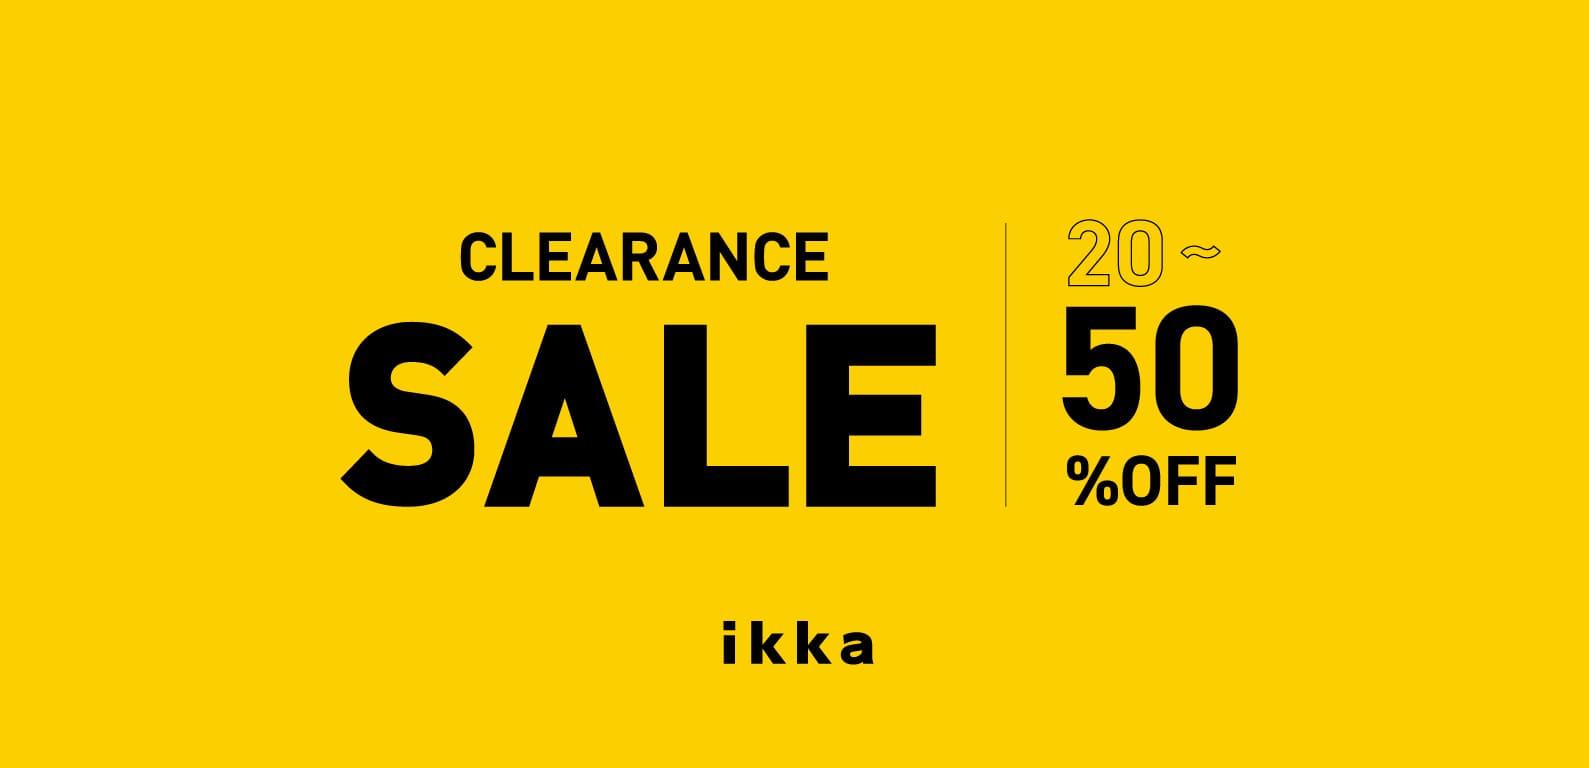 ikka   CLEARANCE SALE